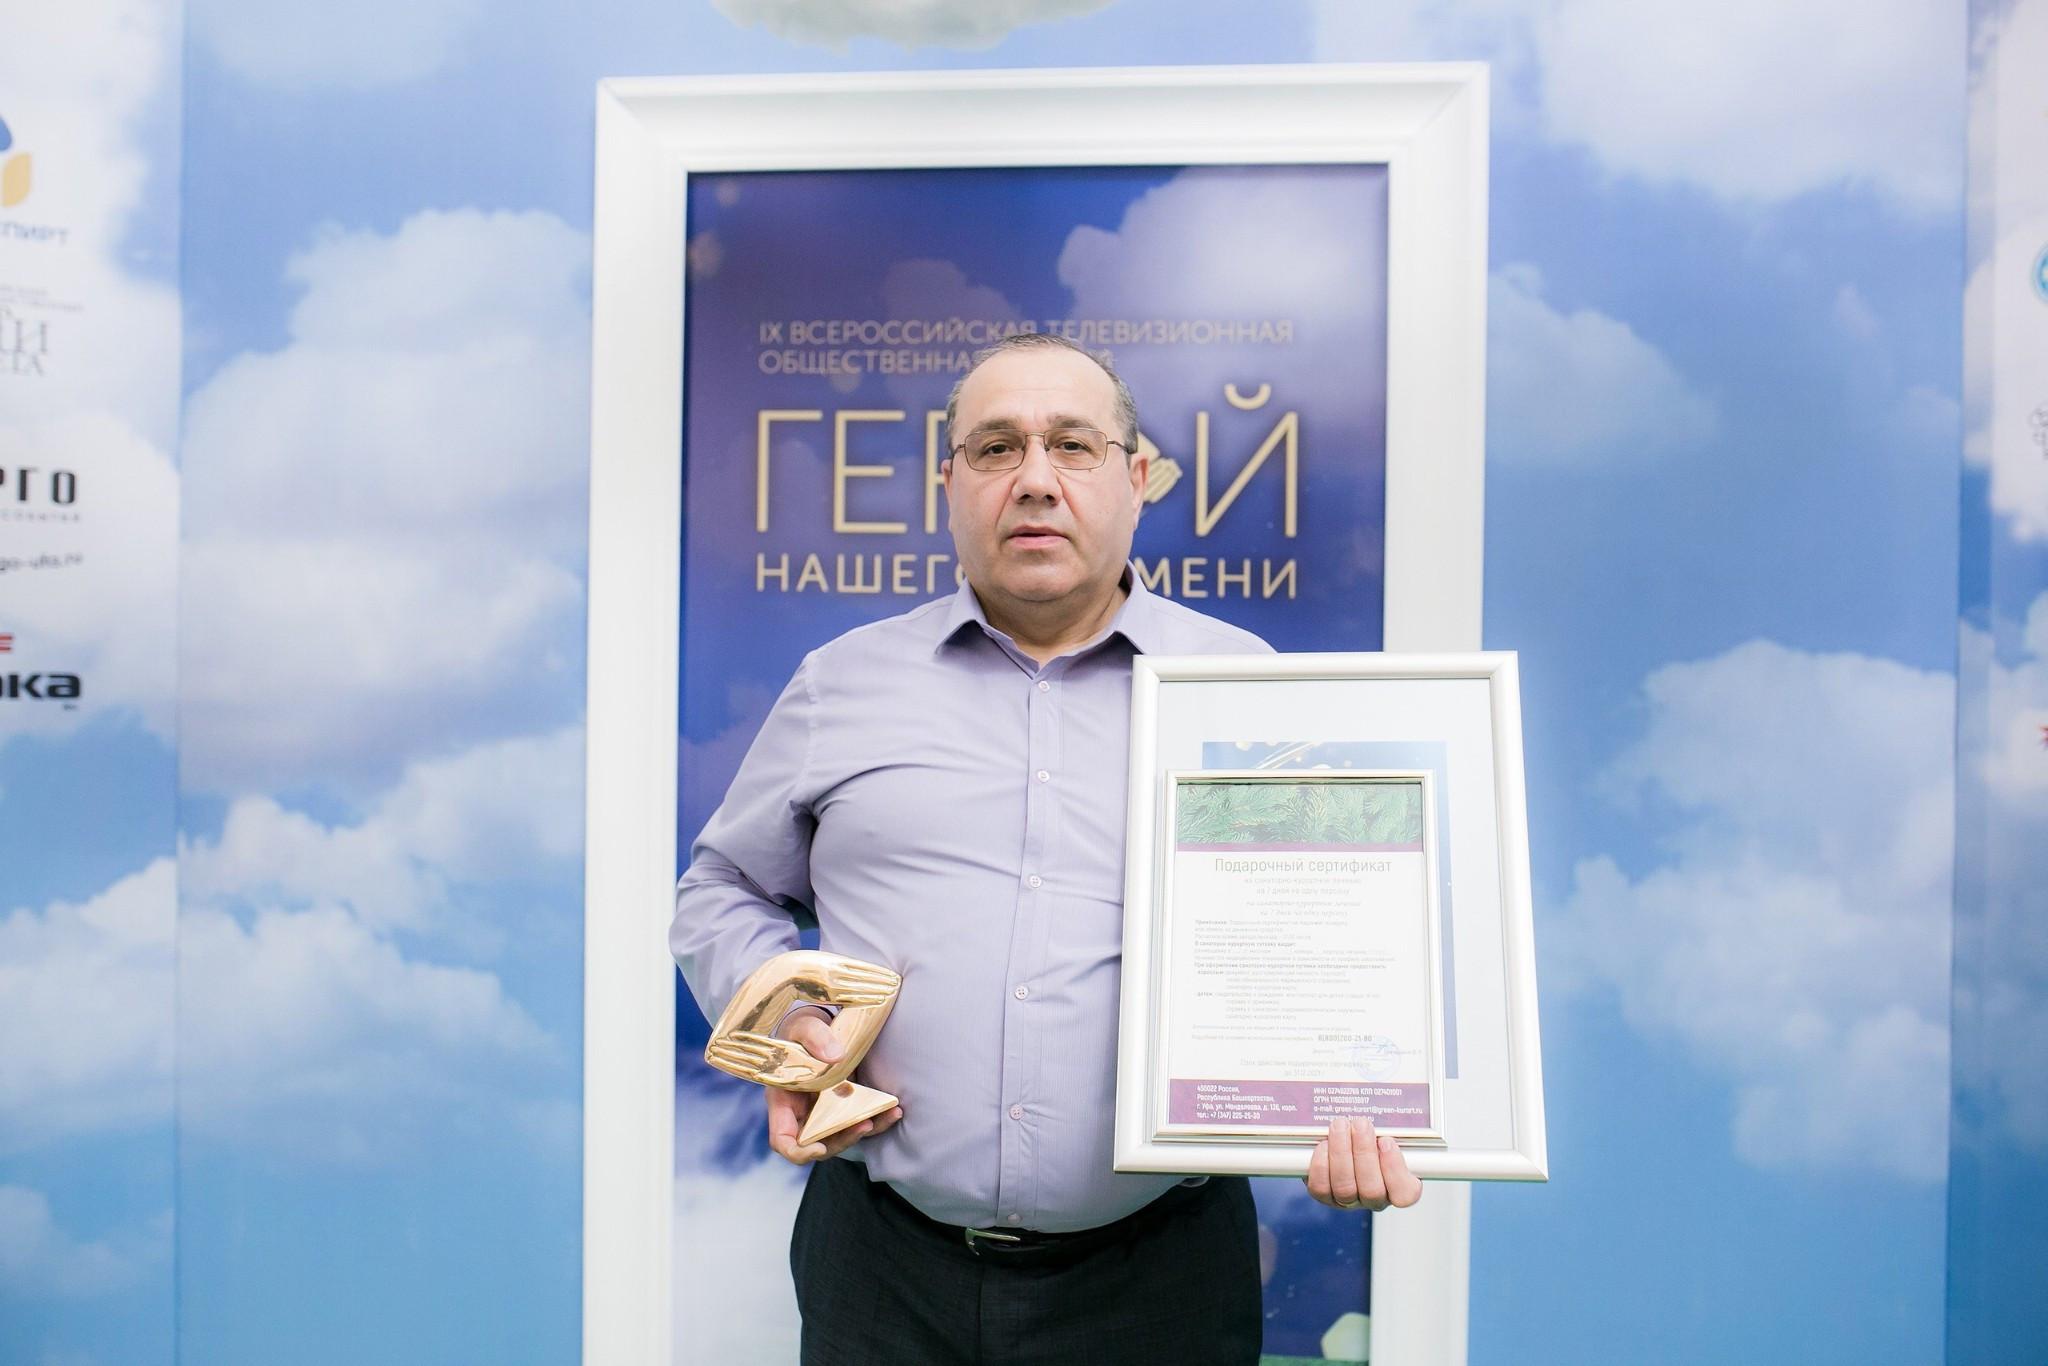 Церемония вручения наград  IX Всероссийской телевизионной общественной премии  «Герой нашего времени»